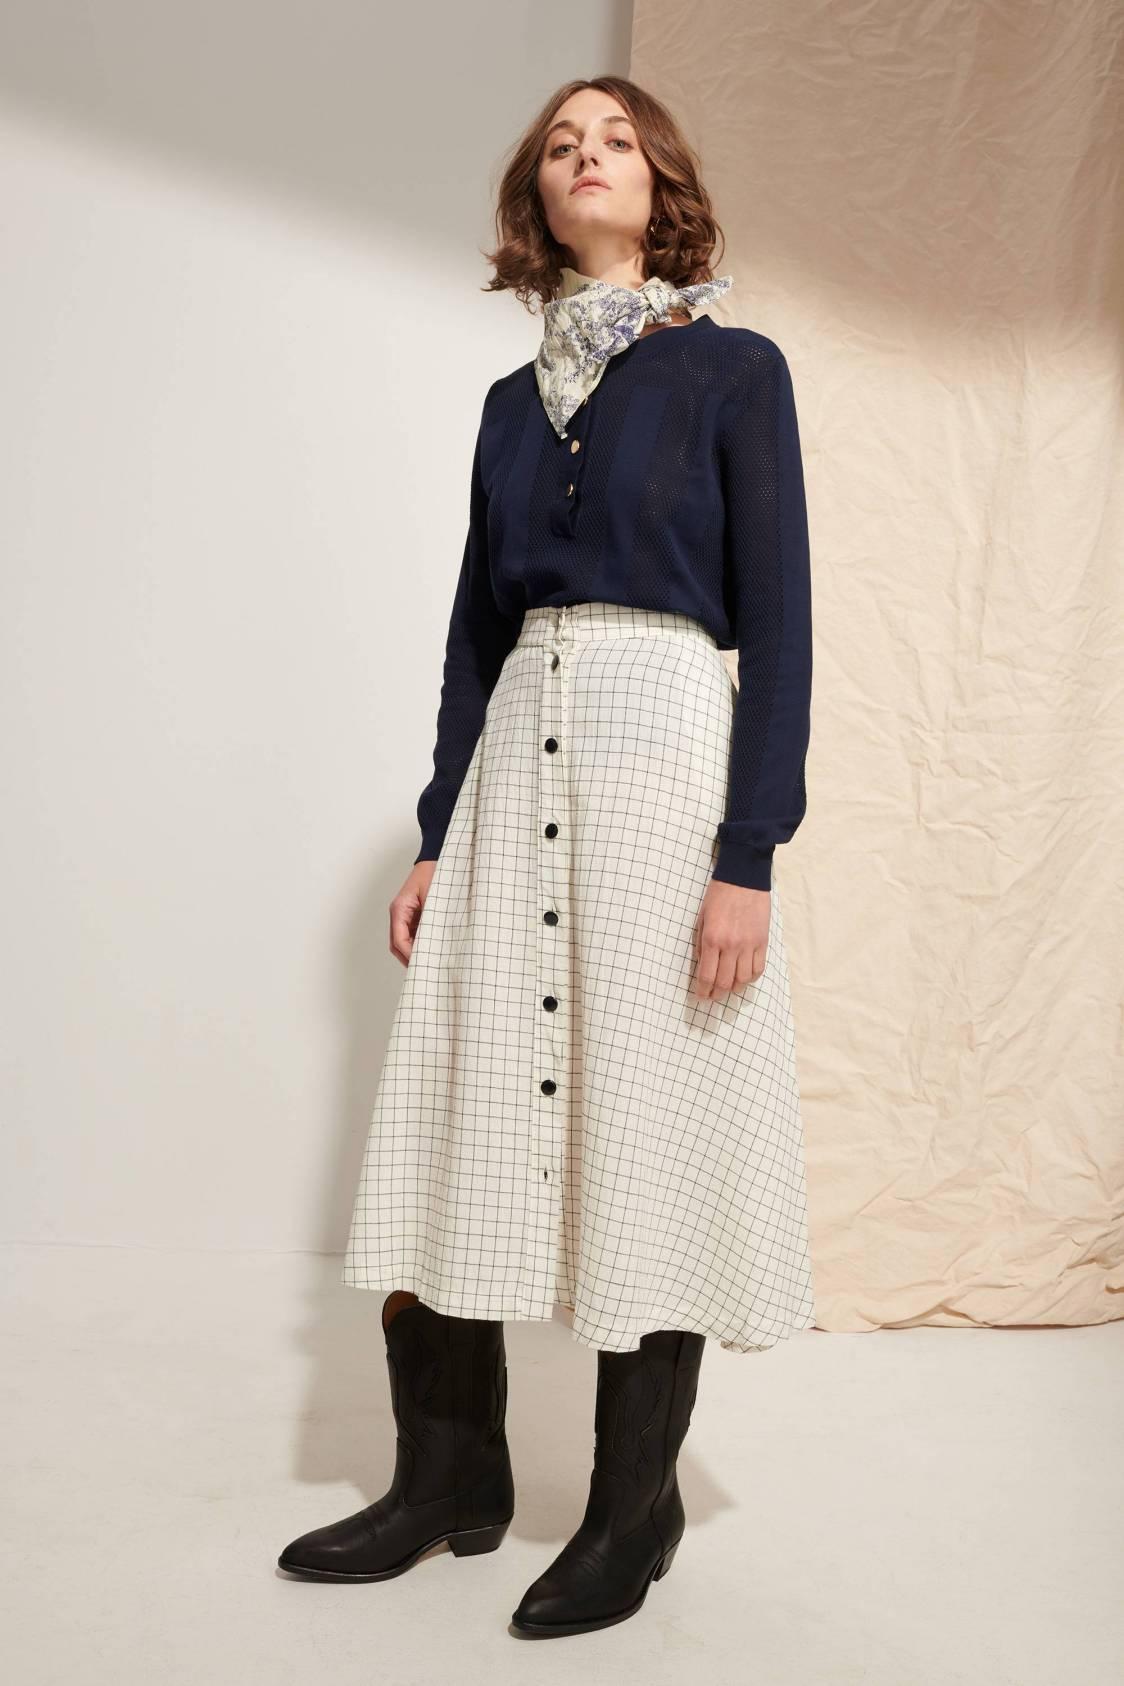 A-Line Check Skirt